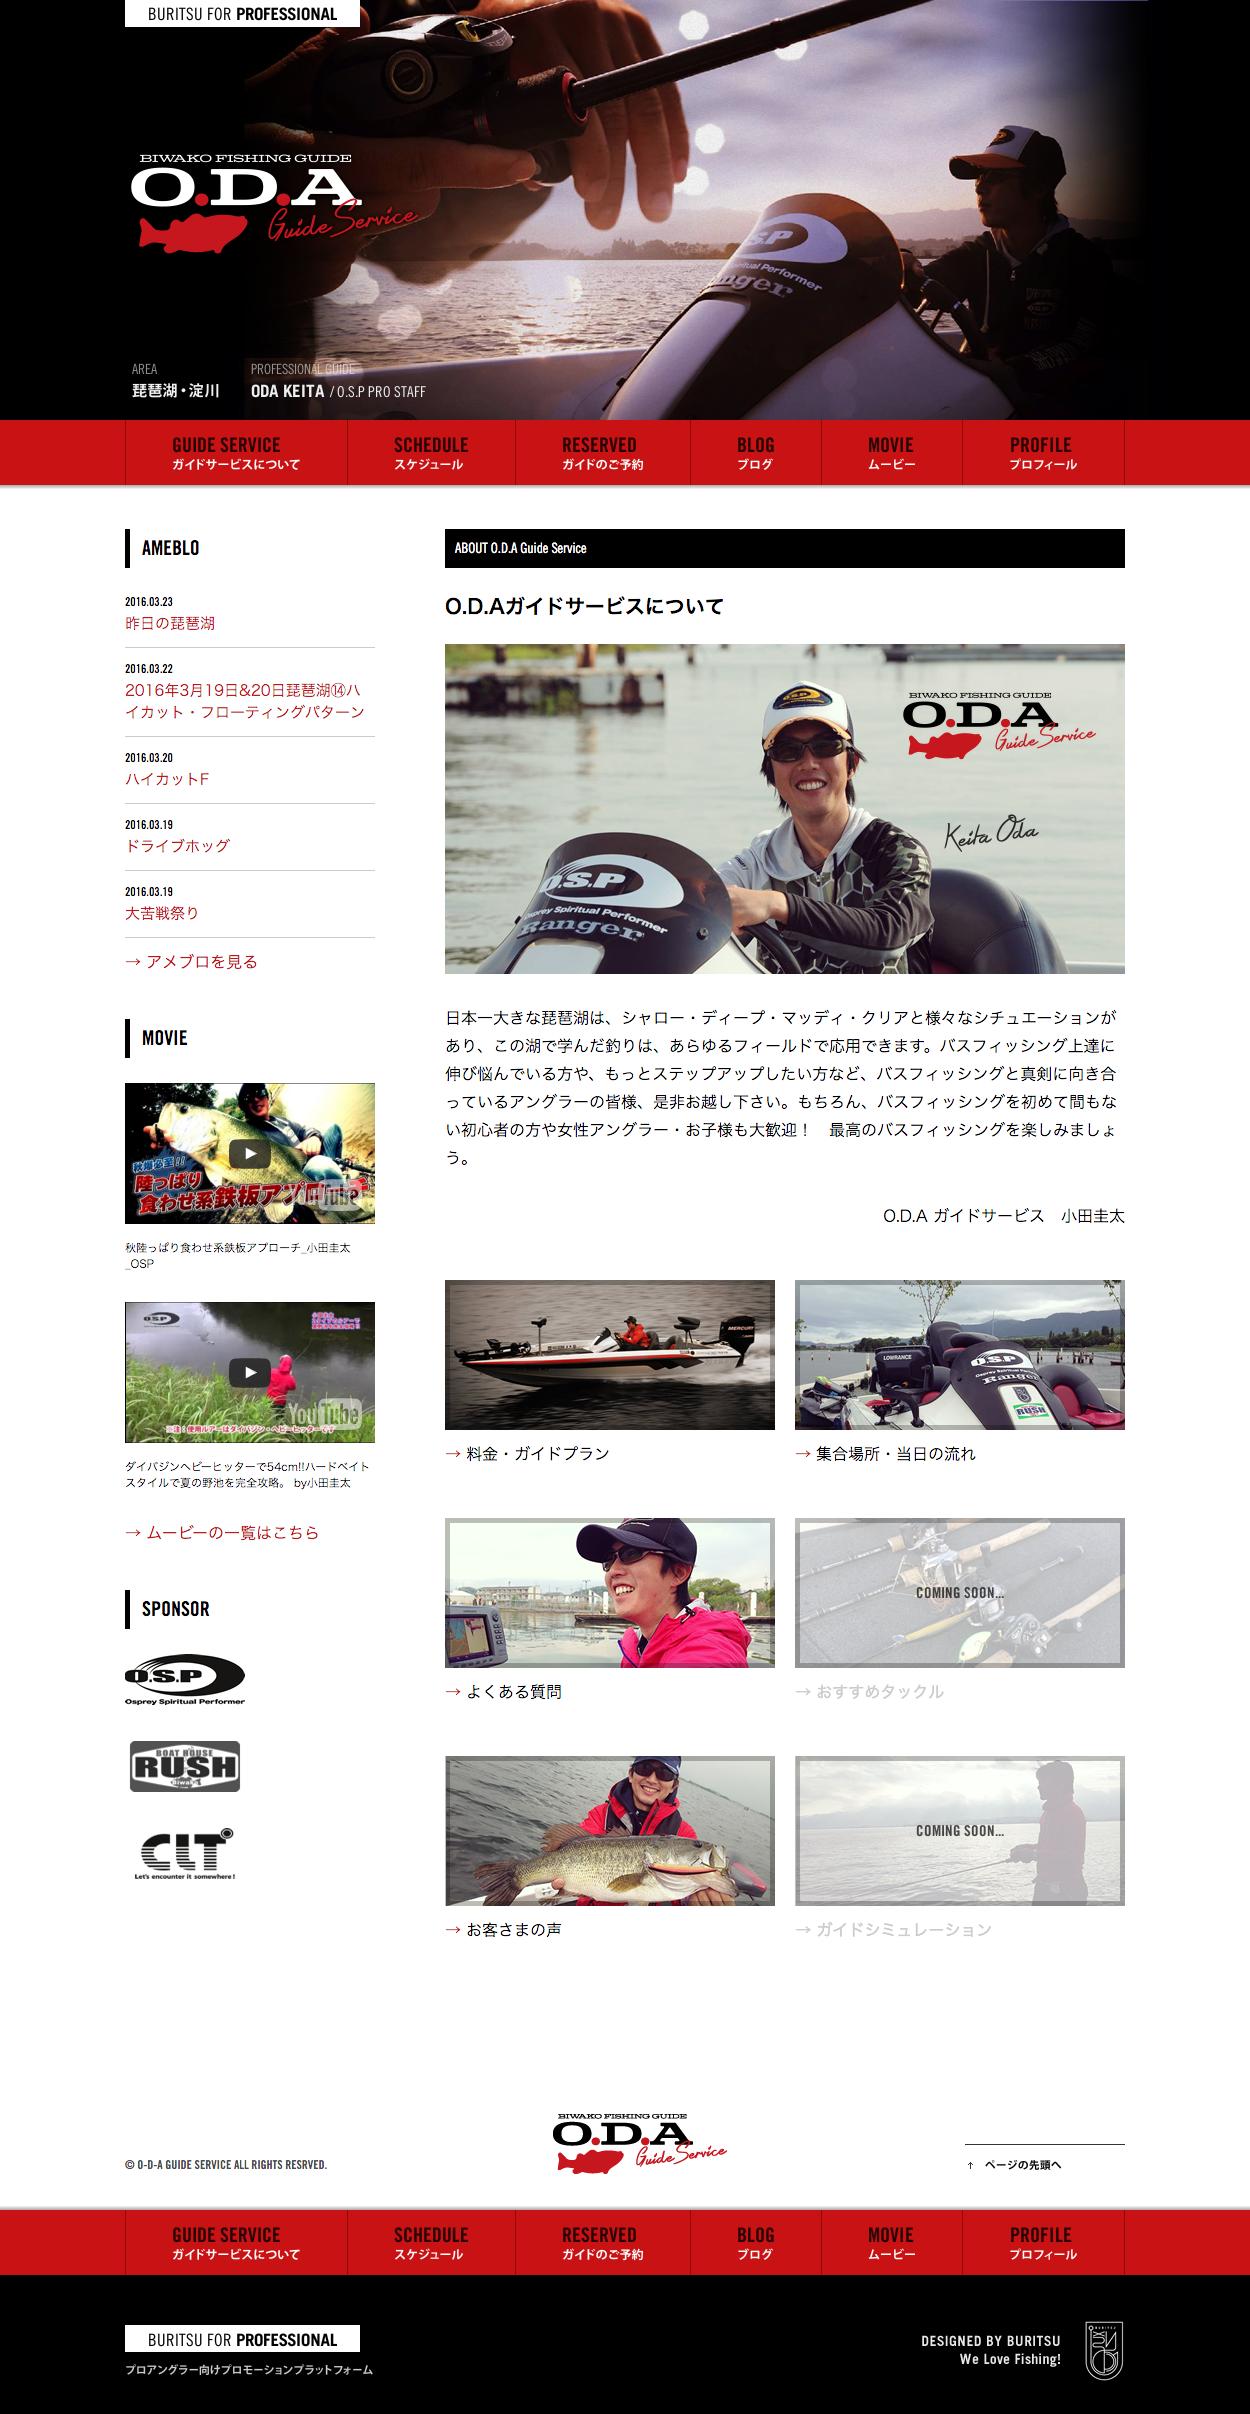 oda_web